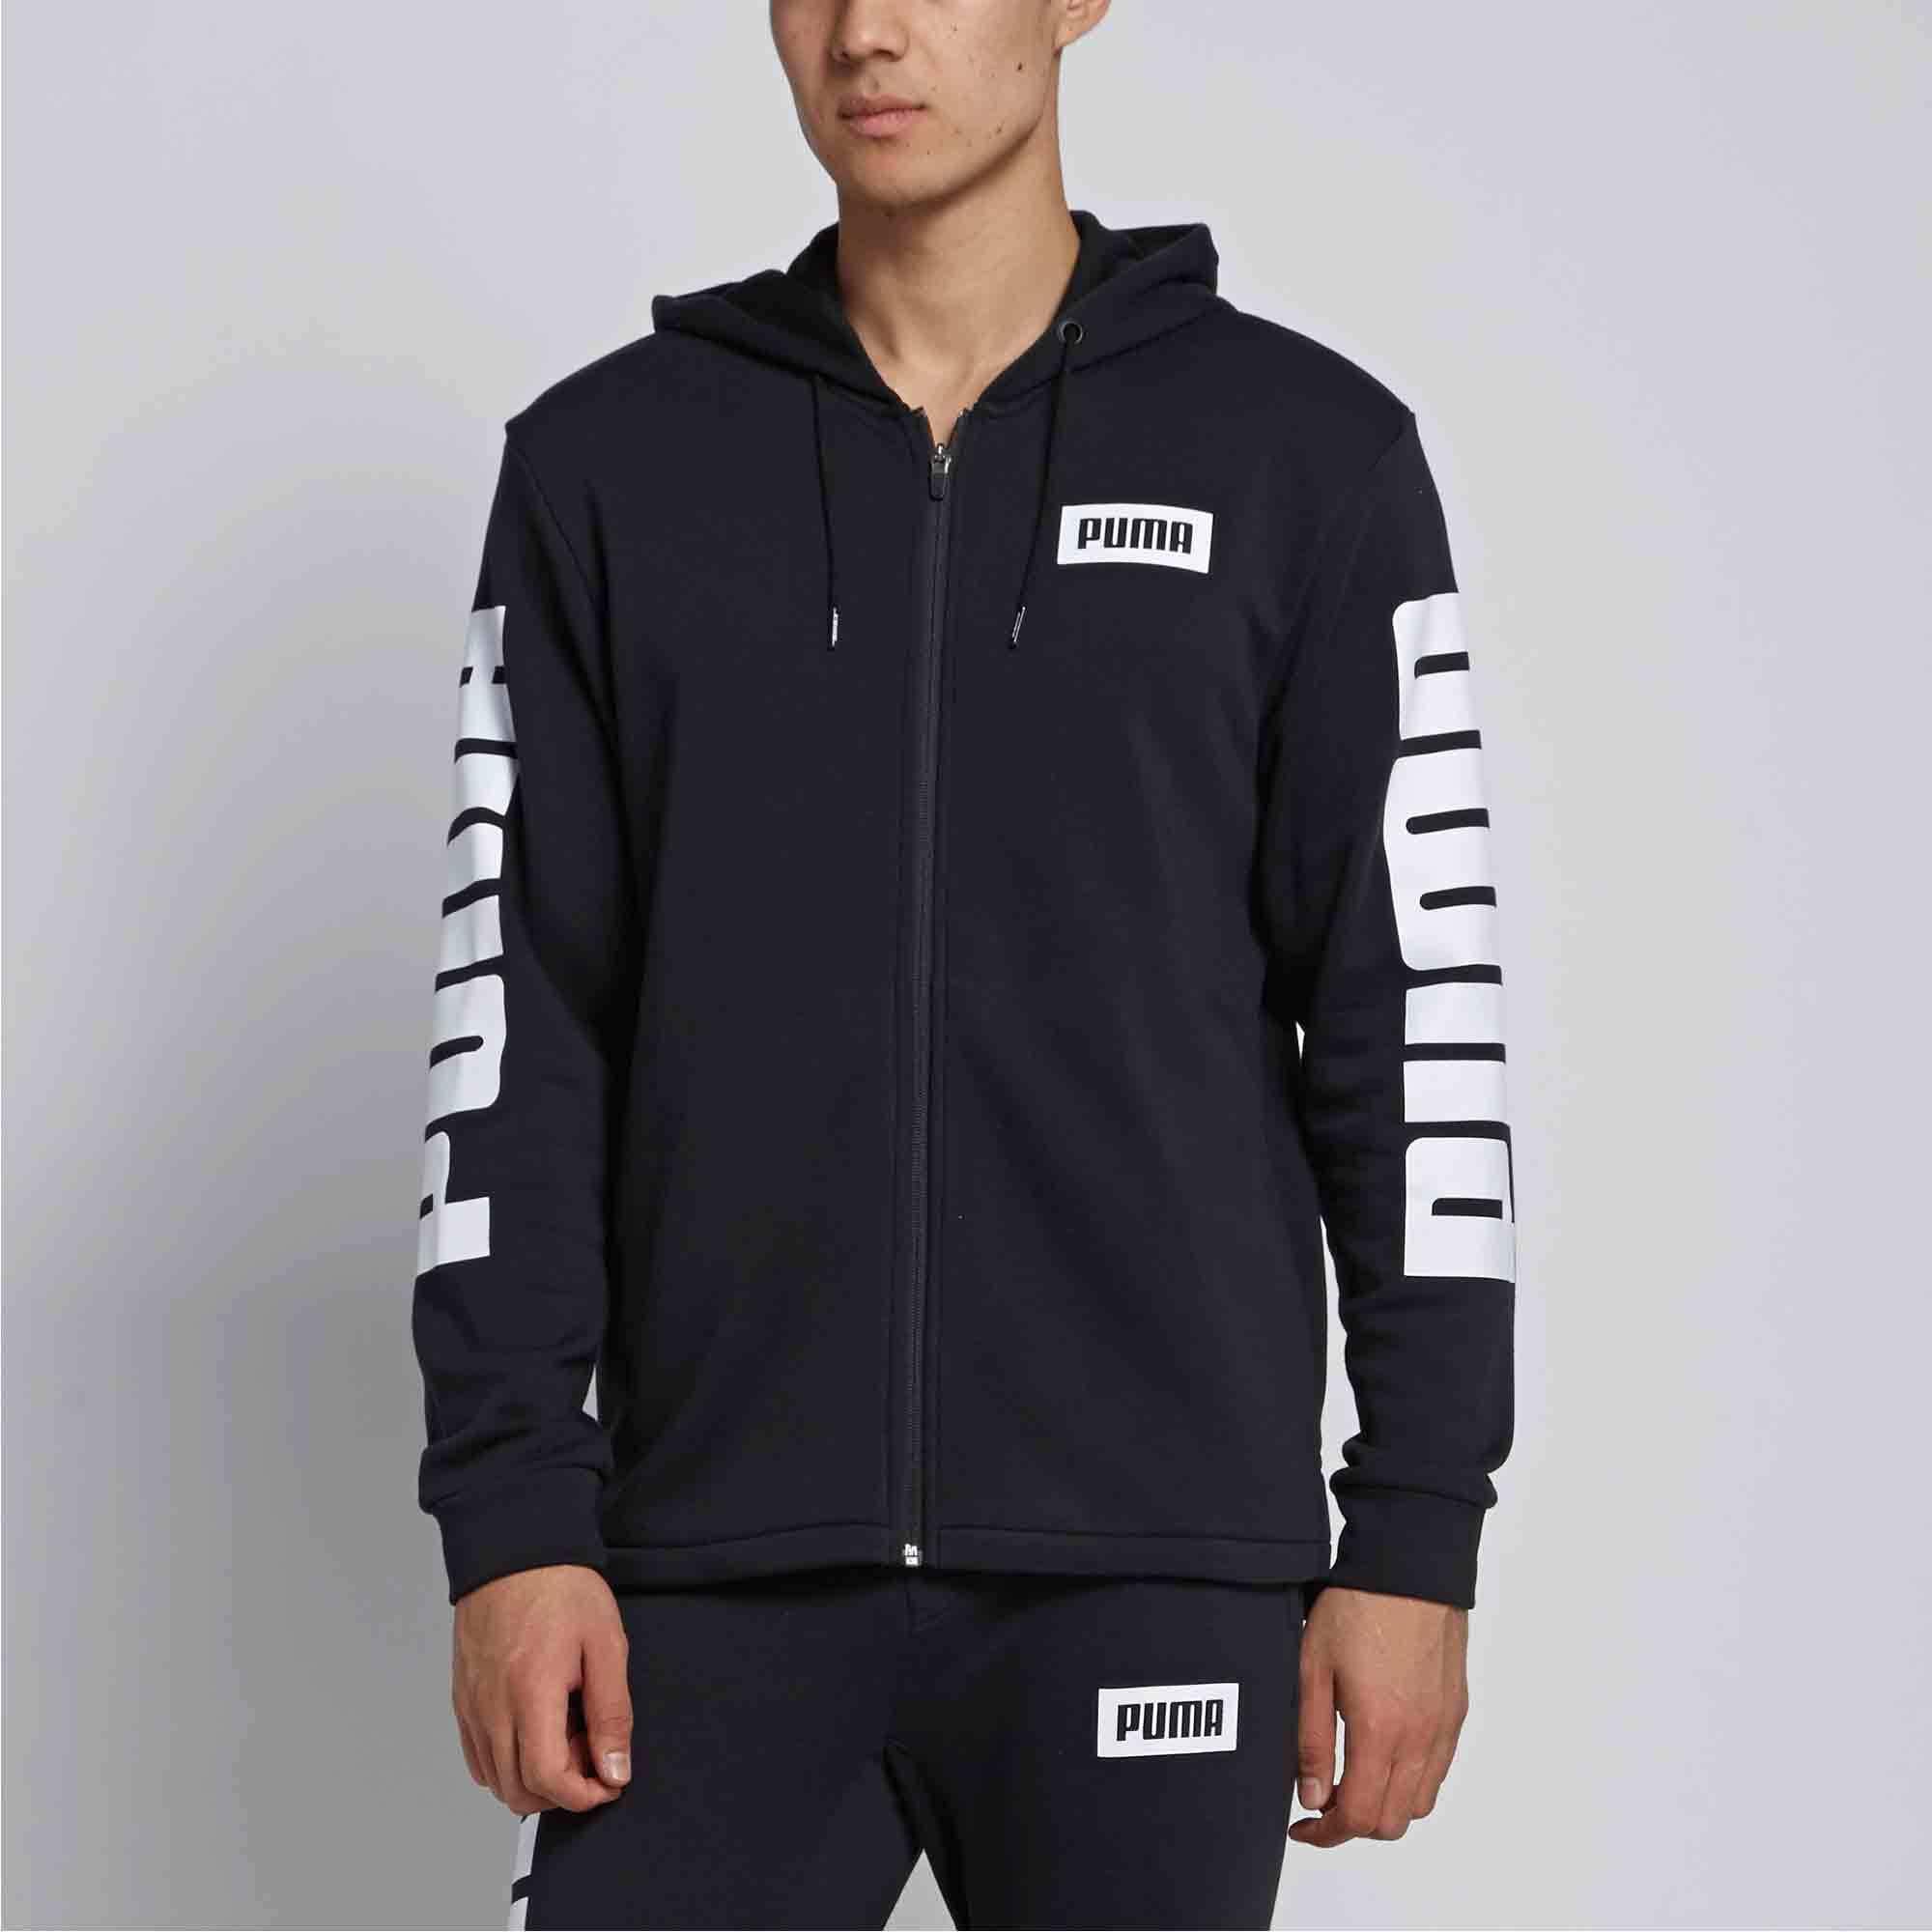 ¥399包邮 彪马(PUMA) Rebel 851976 男子外套